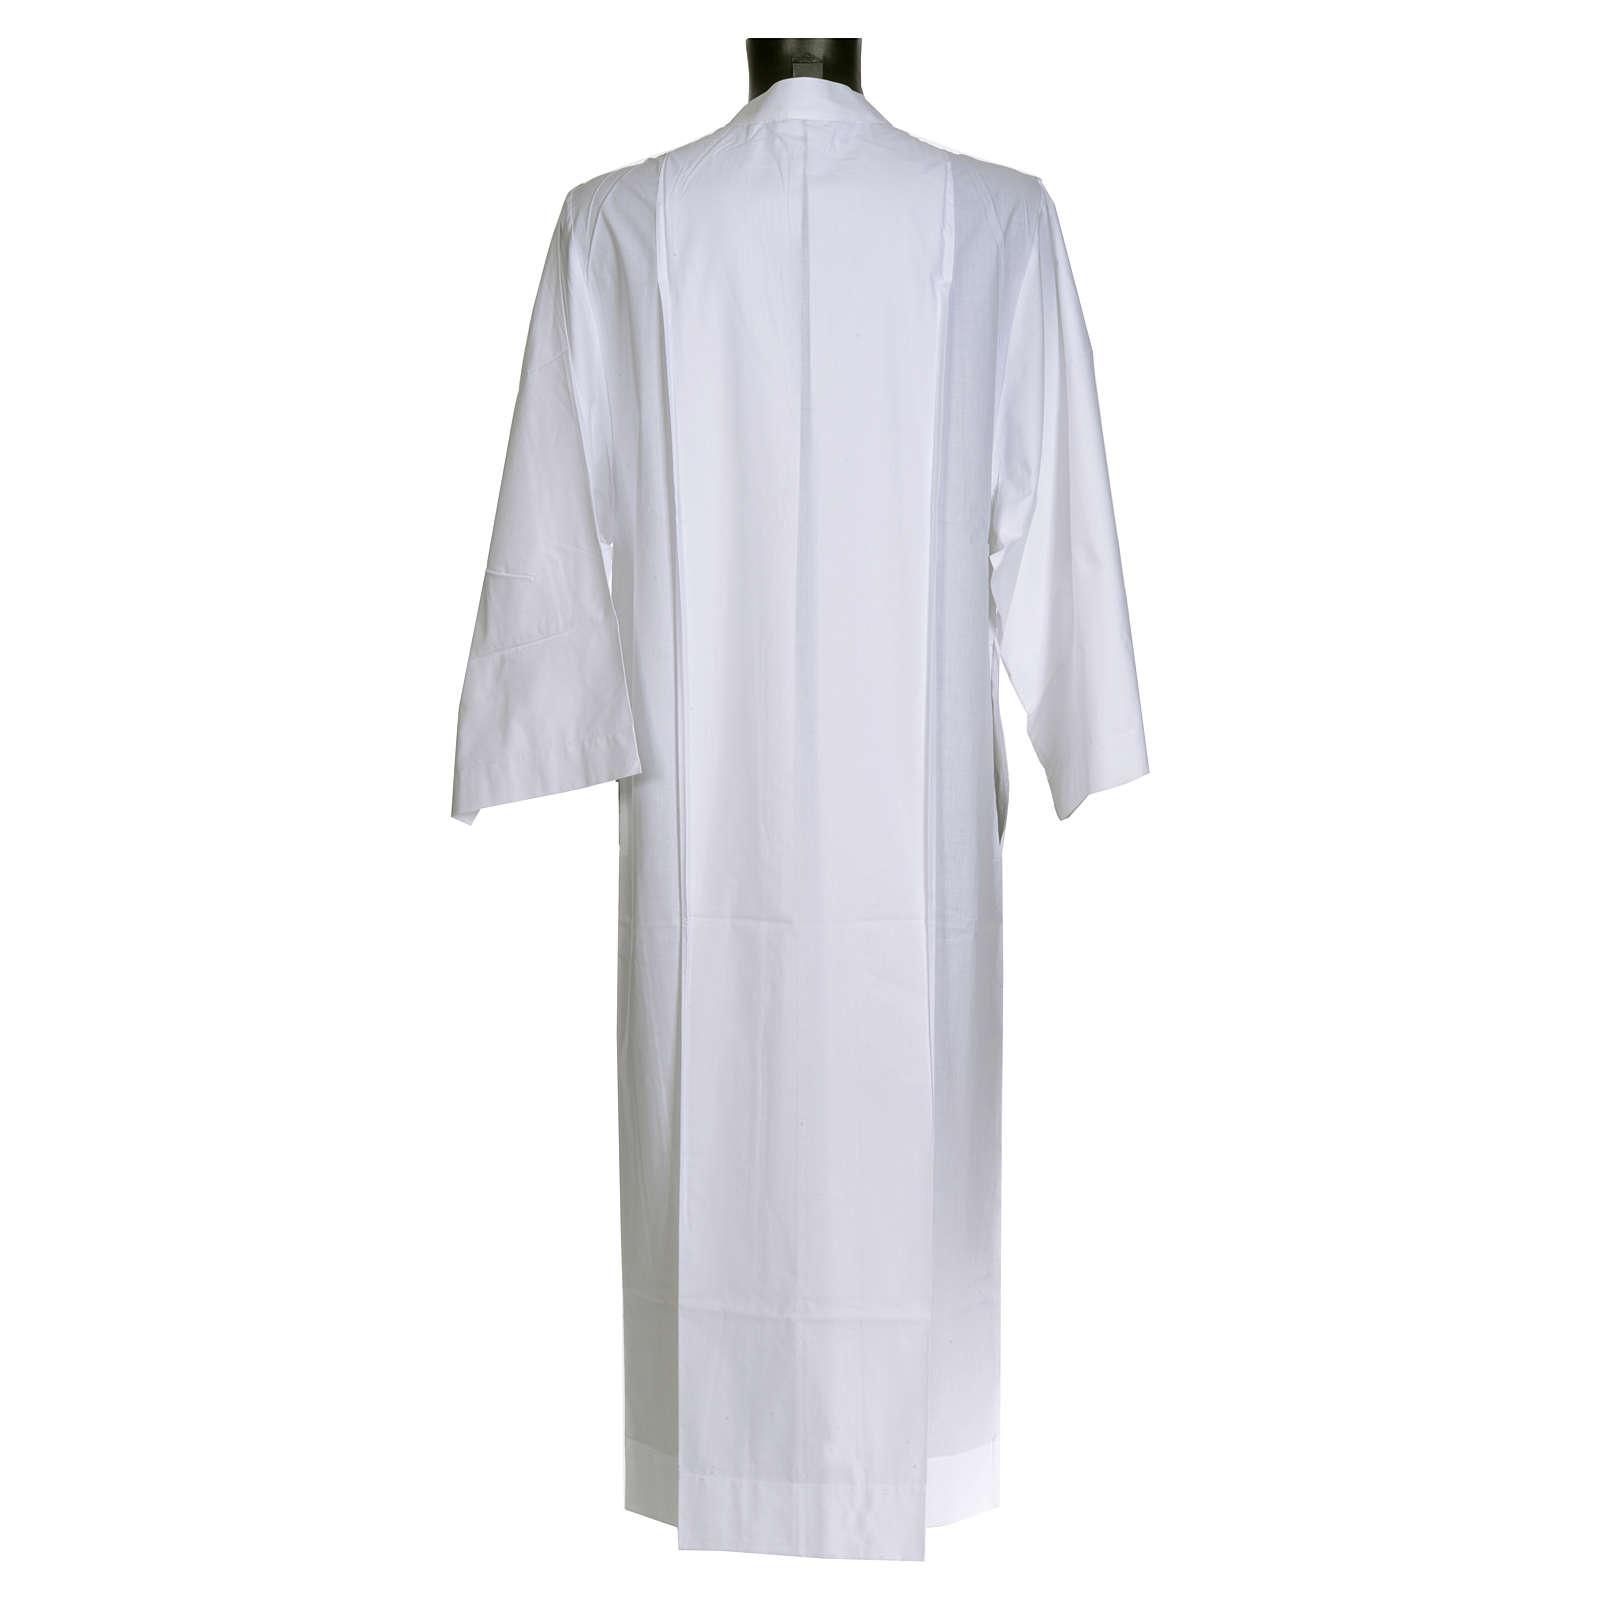 Camice bianco semplice 55% poliestere 45% cotone 4